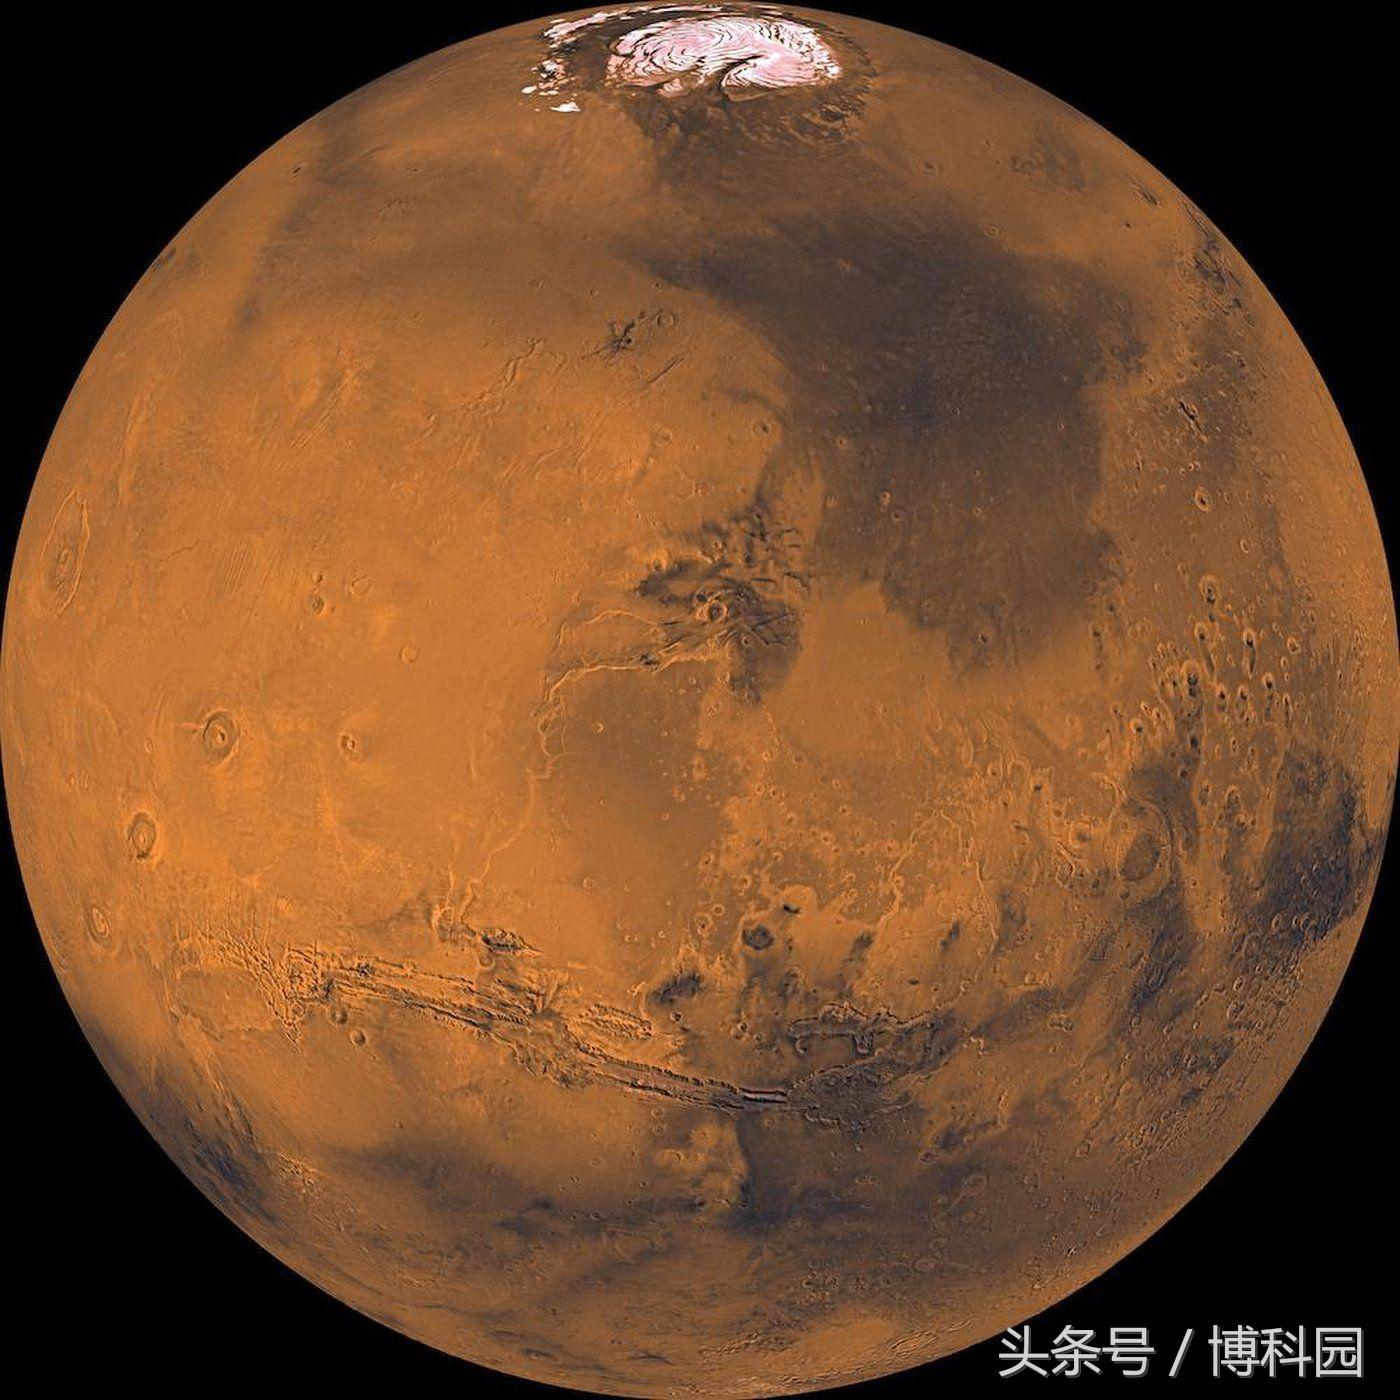 厉害了!美国宇航局计划将机器人蜜蜂送上火星